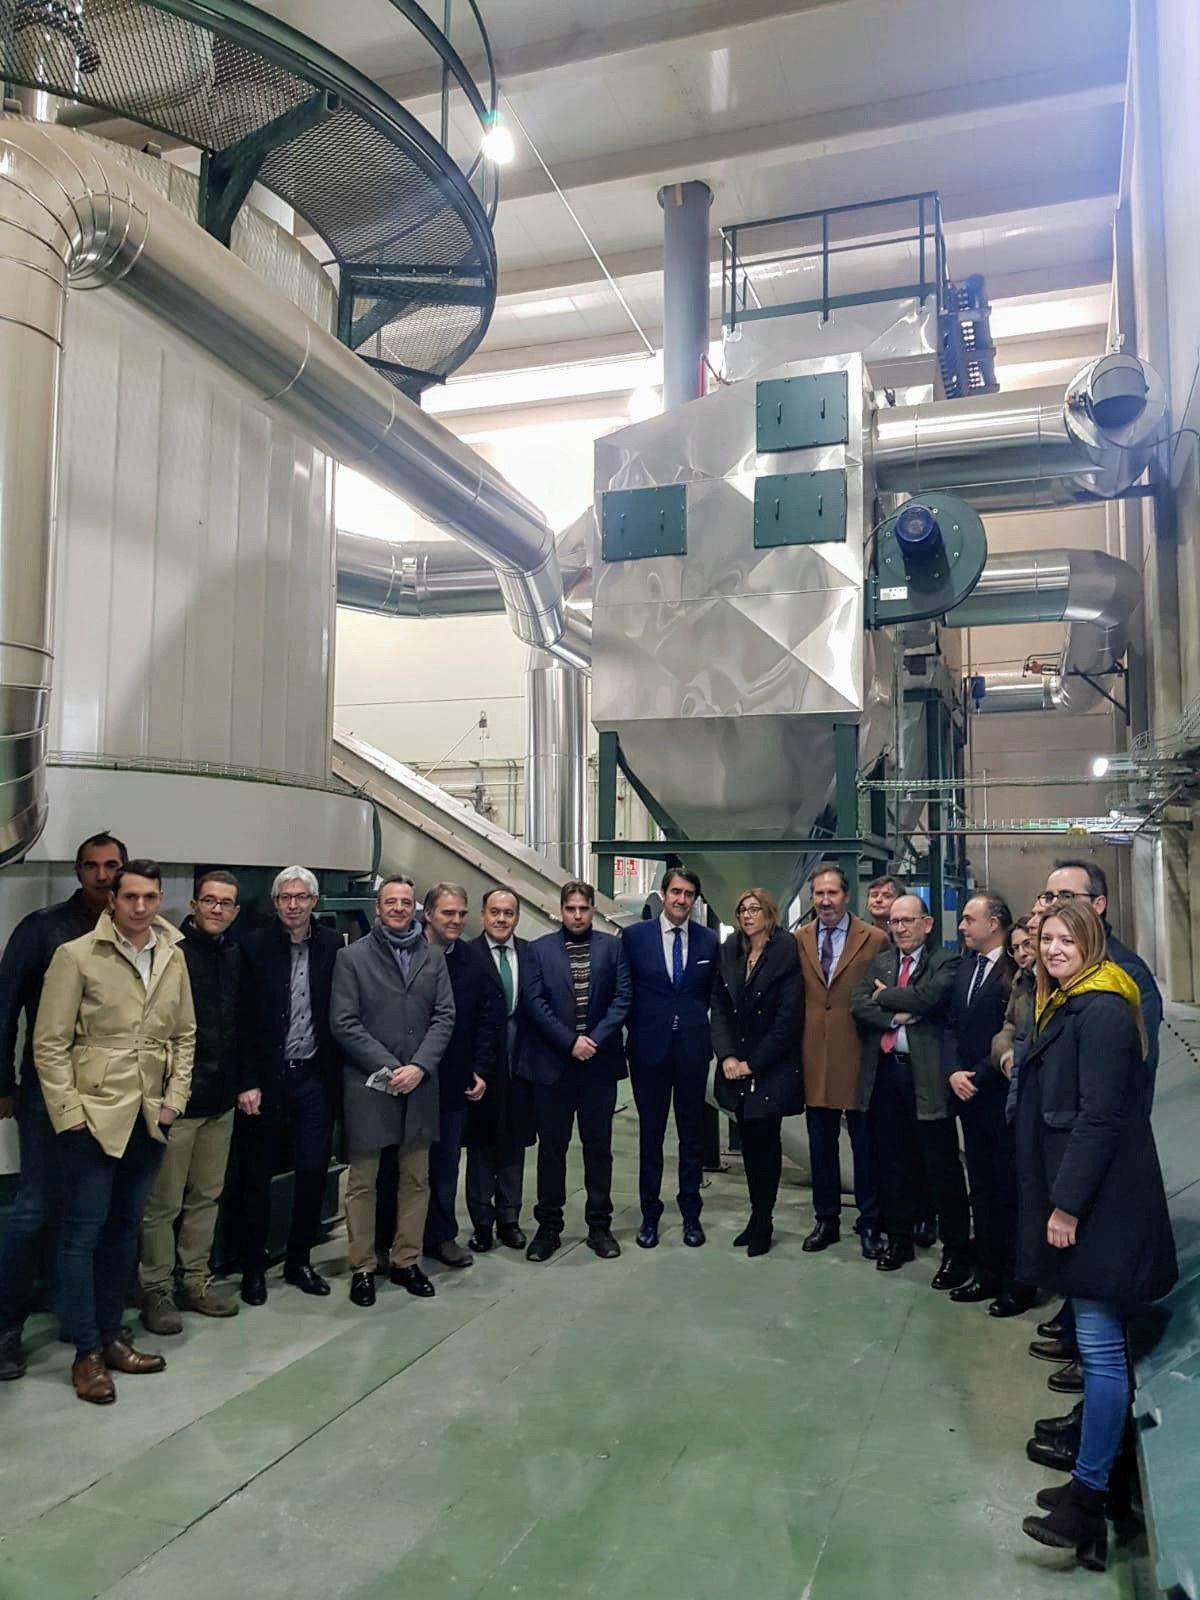 El consejero de Medio Ambiente inaugura la nueva Red de Calor de Aranda de Duero que abastecerá de energía térmica a 4.600 viviendas